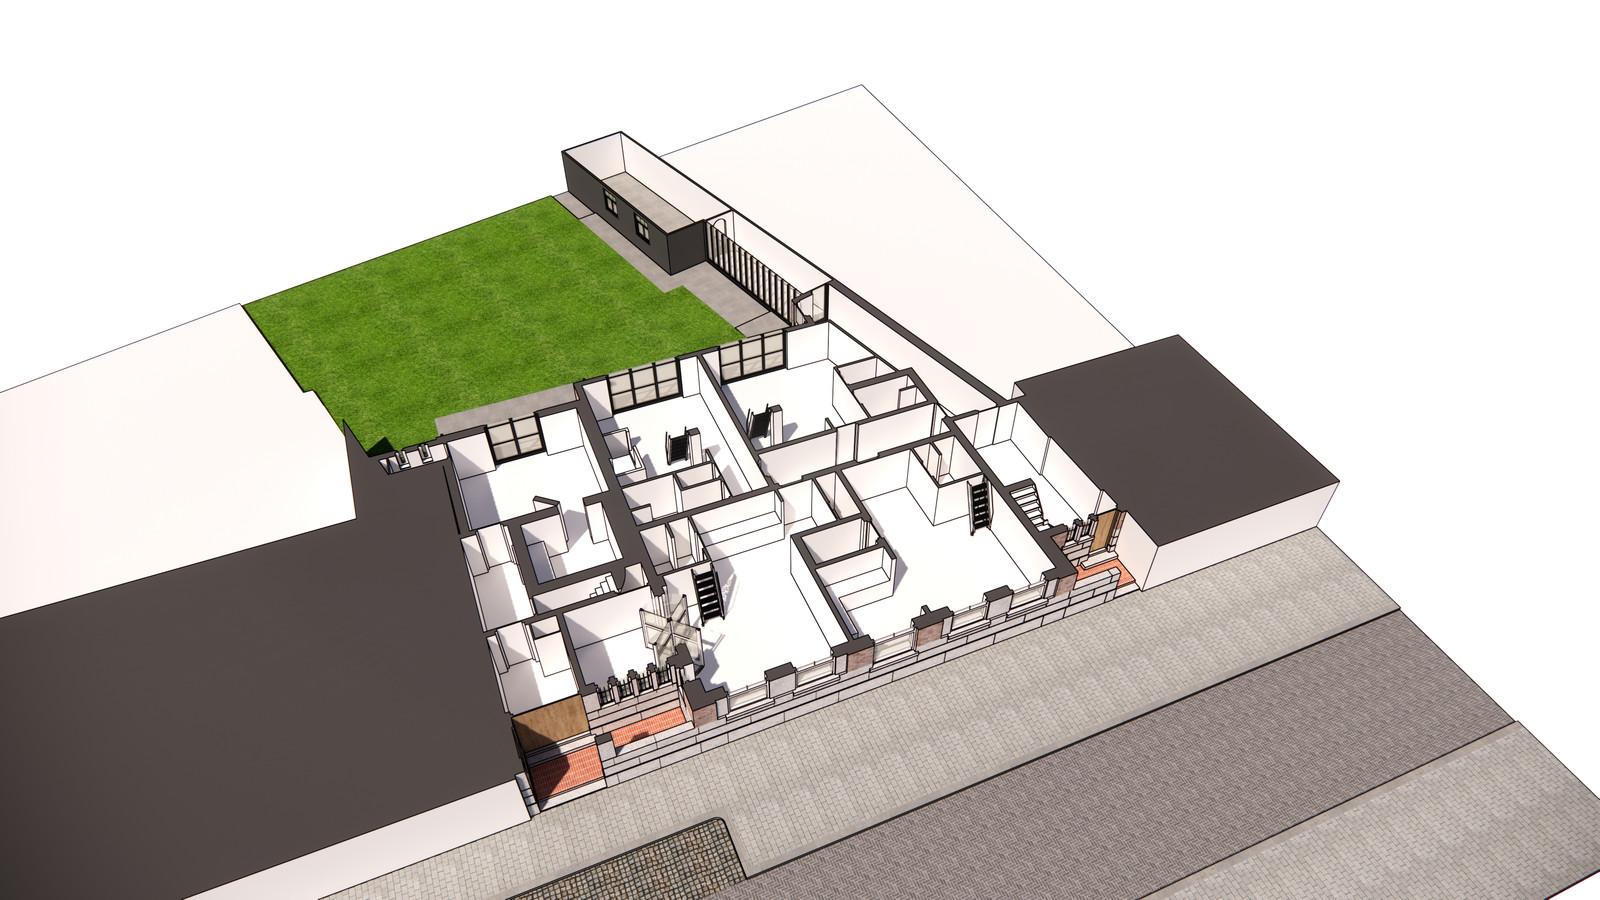 Bovenaanzicht van de indeling van toekomstig appartementengebouw Stationsstraat 38-40, begane grond.